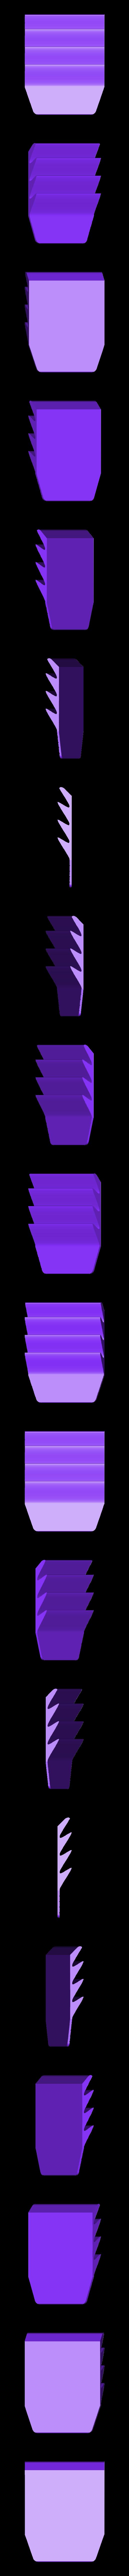 STANDARD_95mmWide_MaskPleatJig1of2_20200507.stl Télécharger fichier STL gratuit Gabarit de plissage pour masques en tissu - Covid-19 • Design pour impression 3D, tonyyoungblood